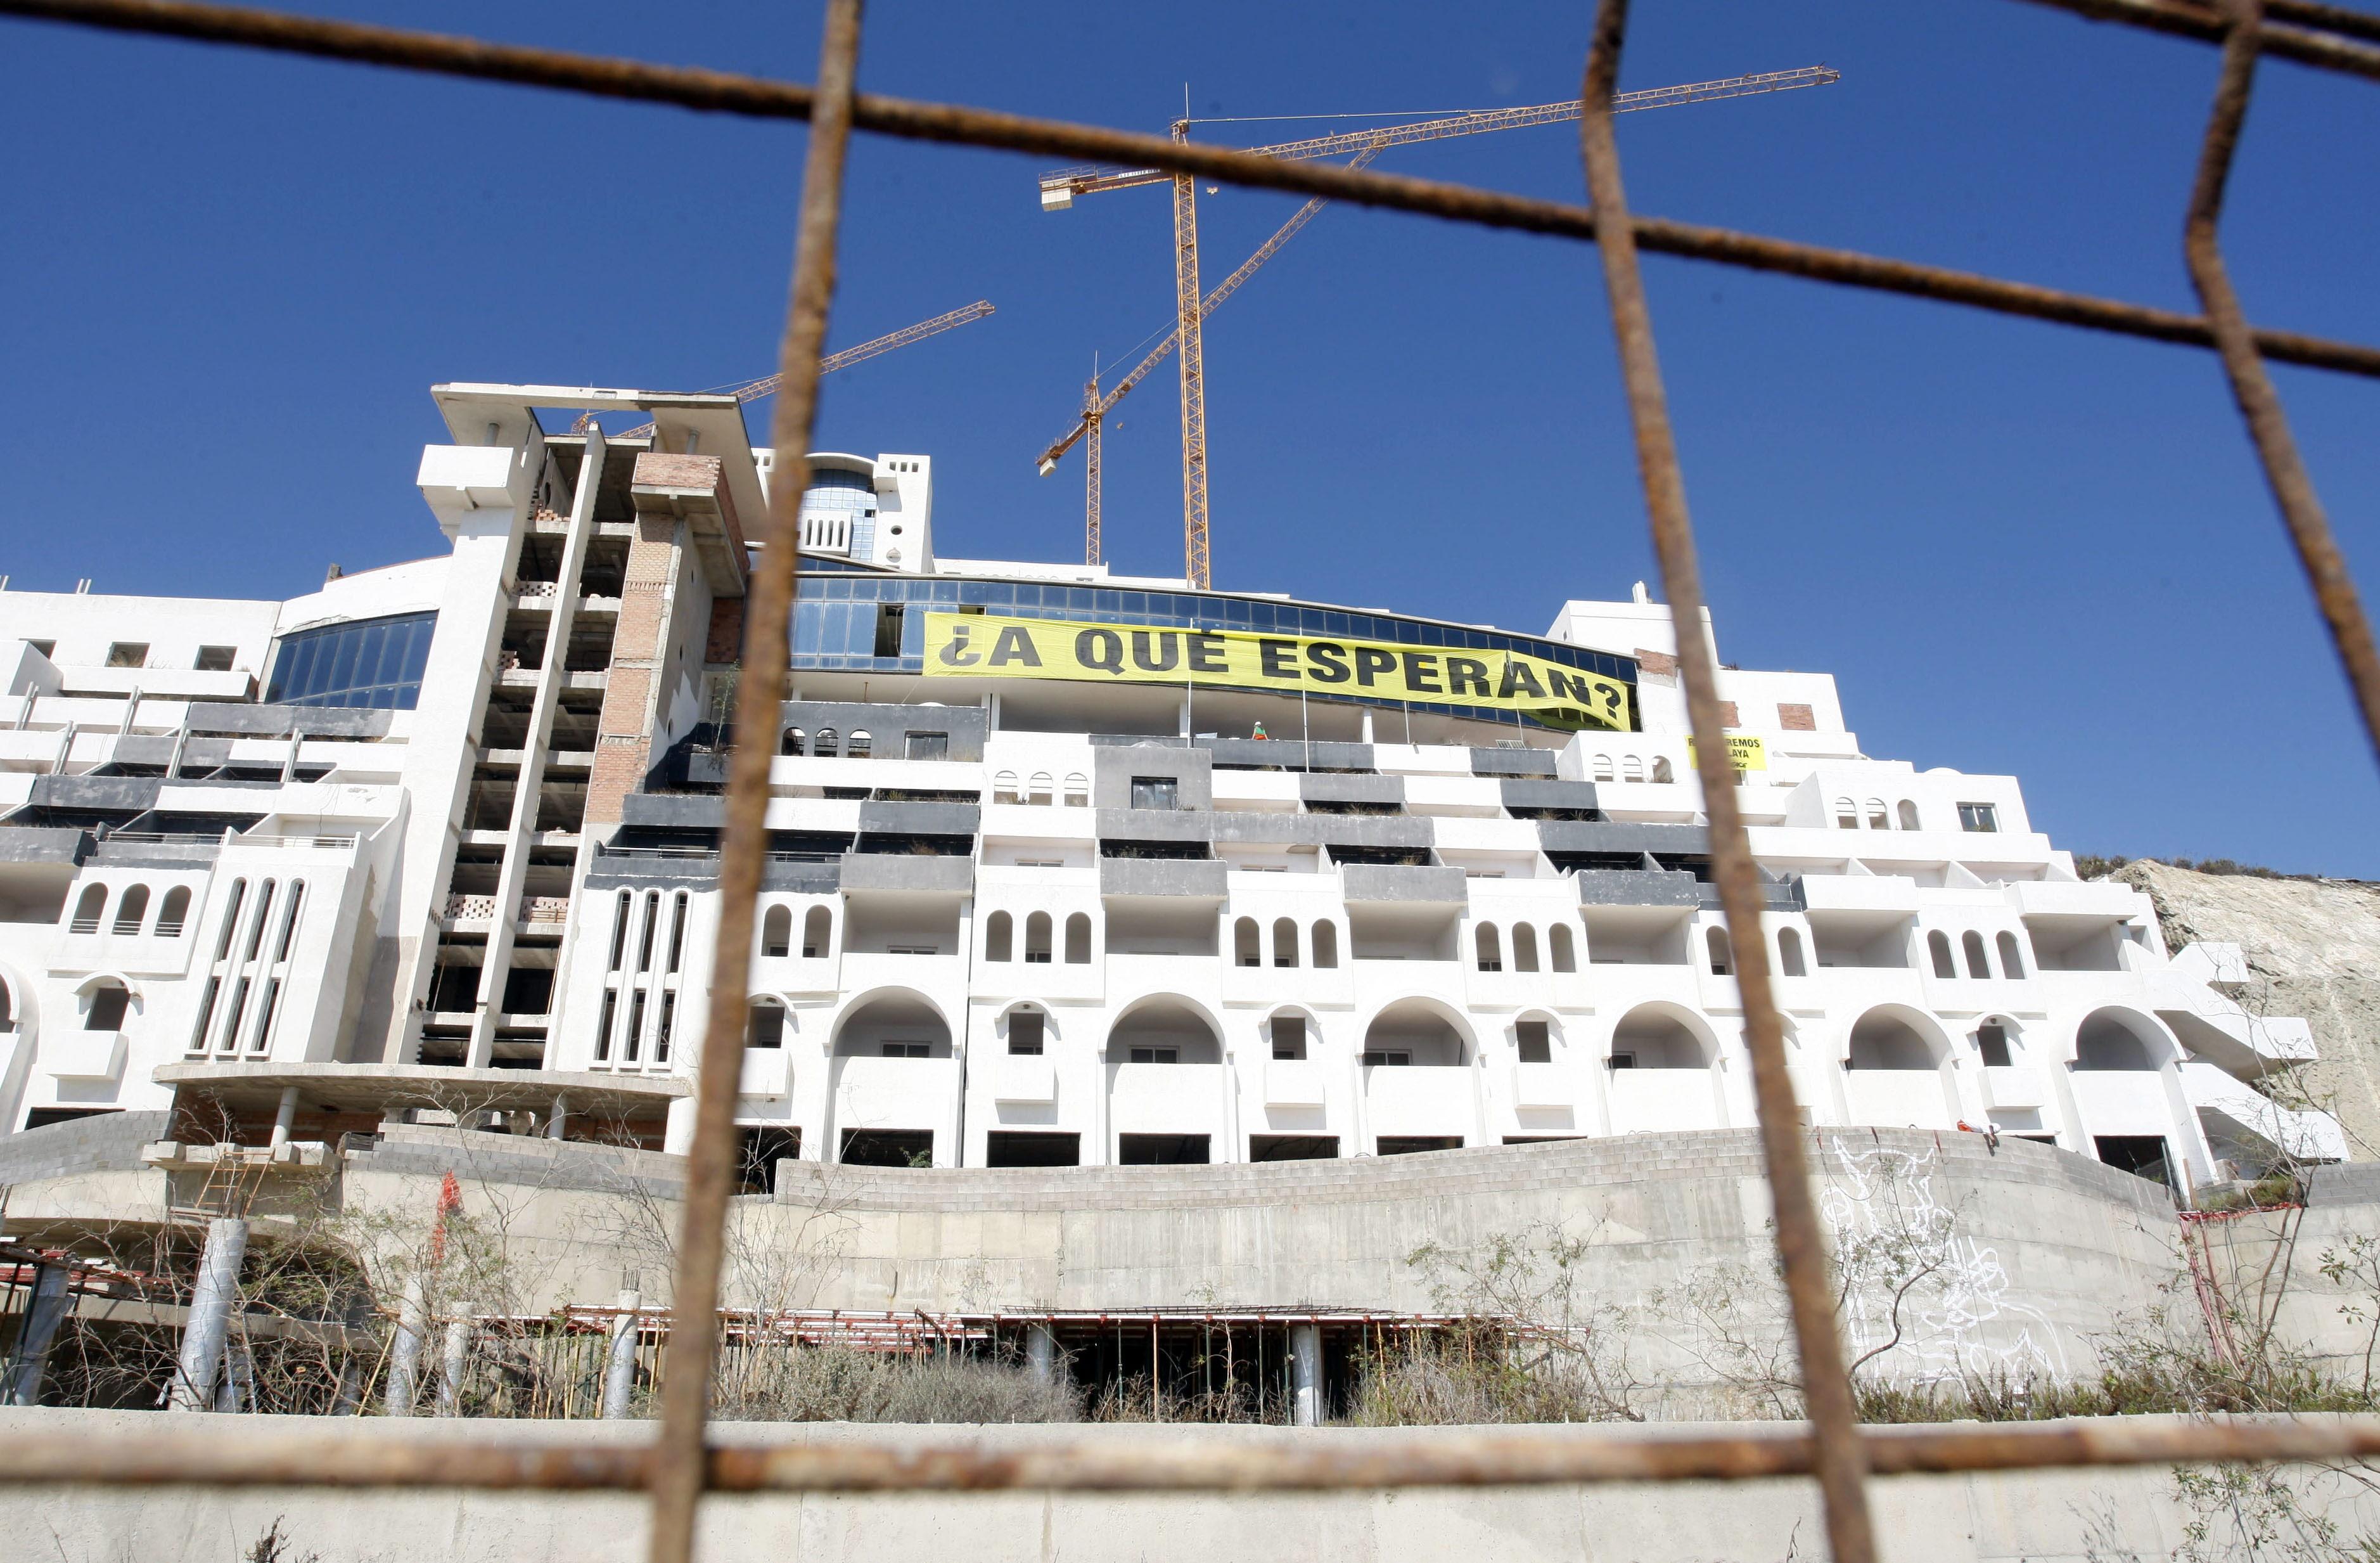 El TSJA declara urbanizable el suelo donde se levantó el hotel El Algarrobico